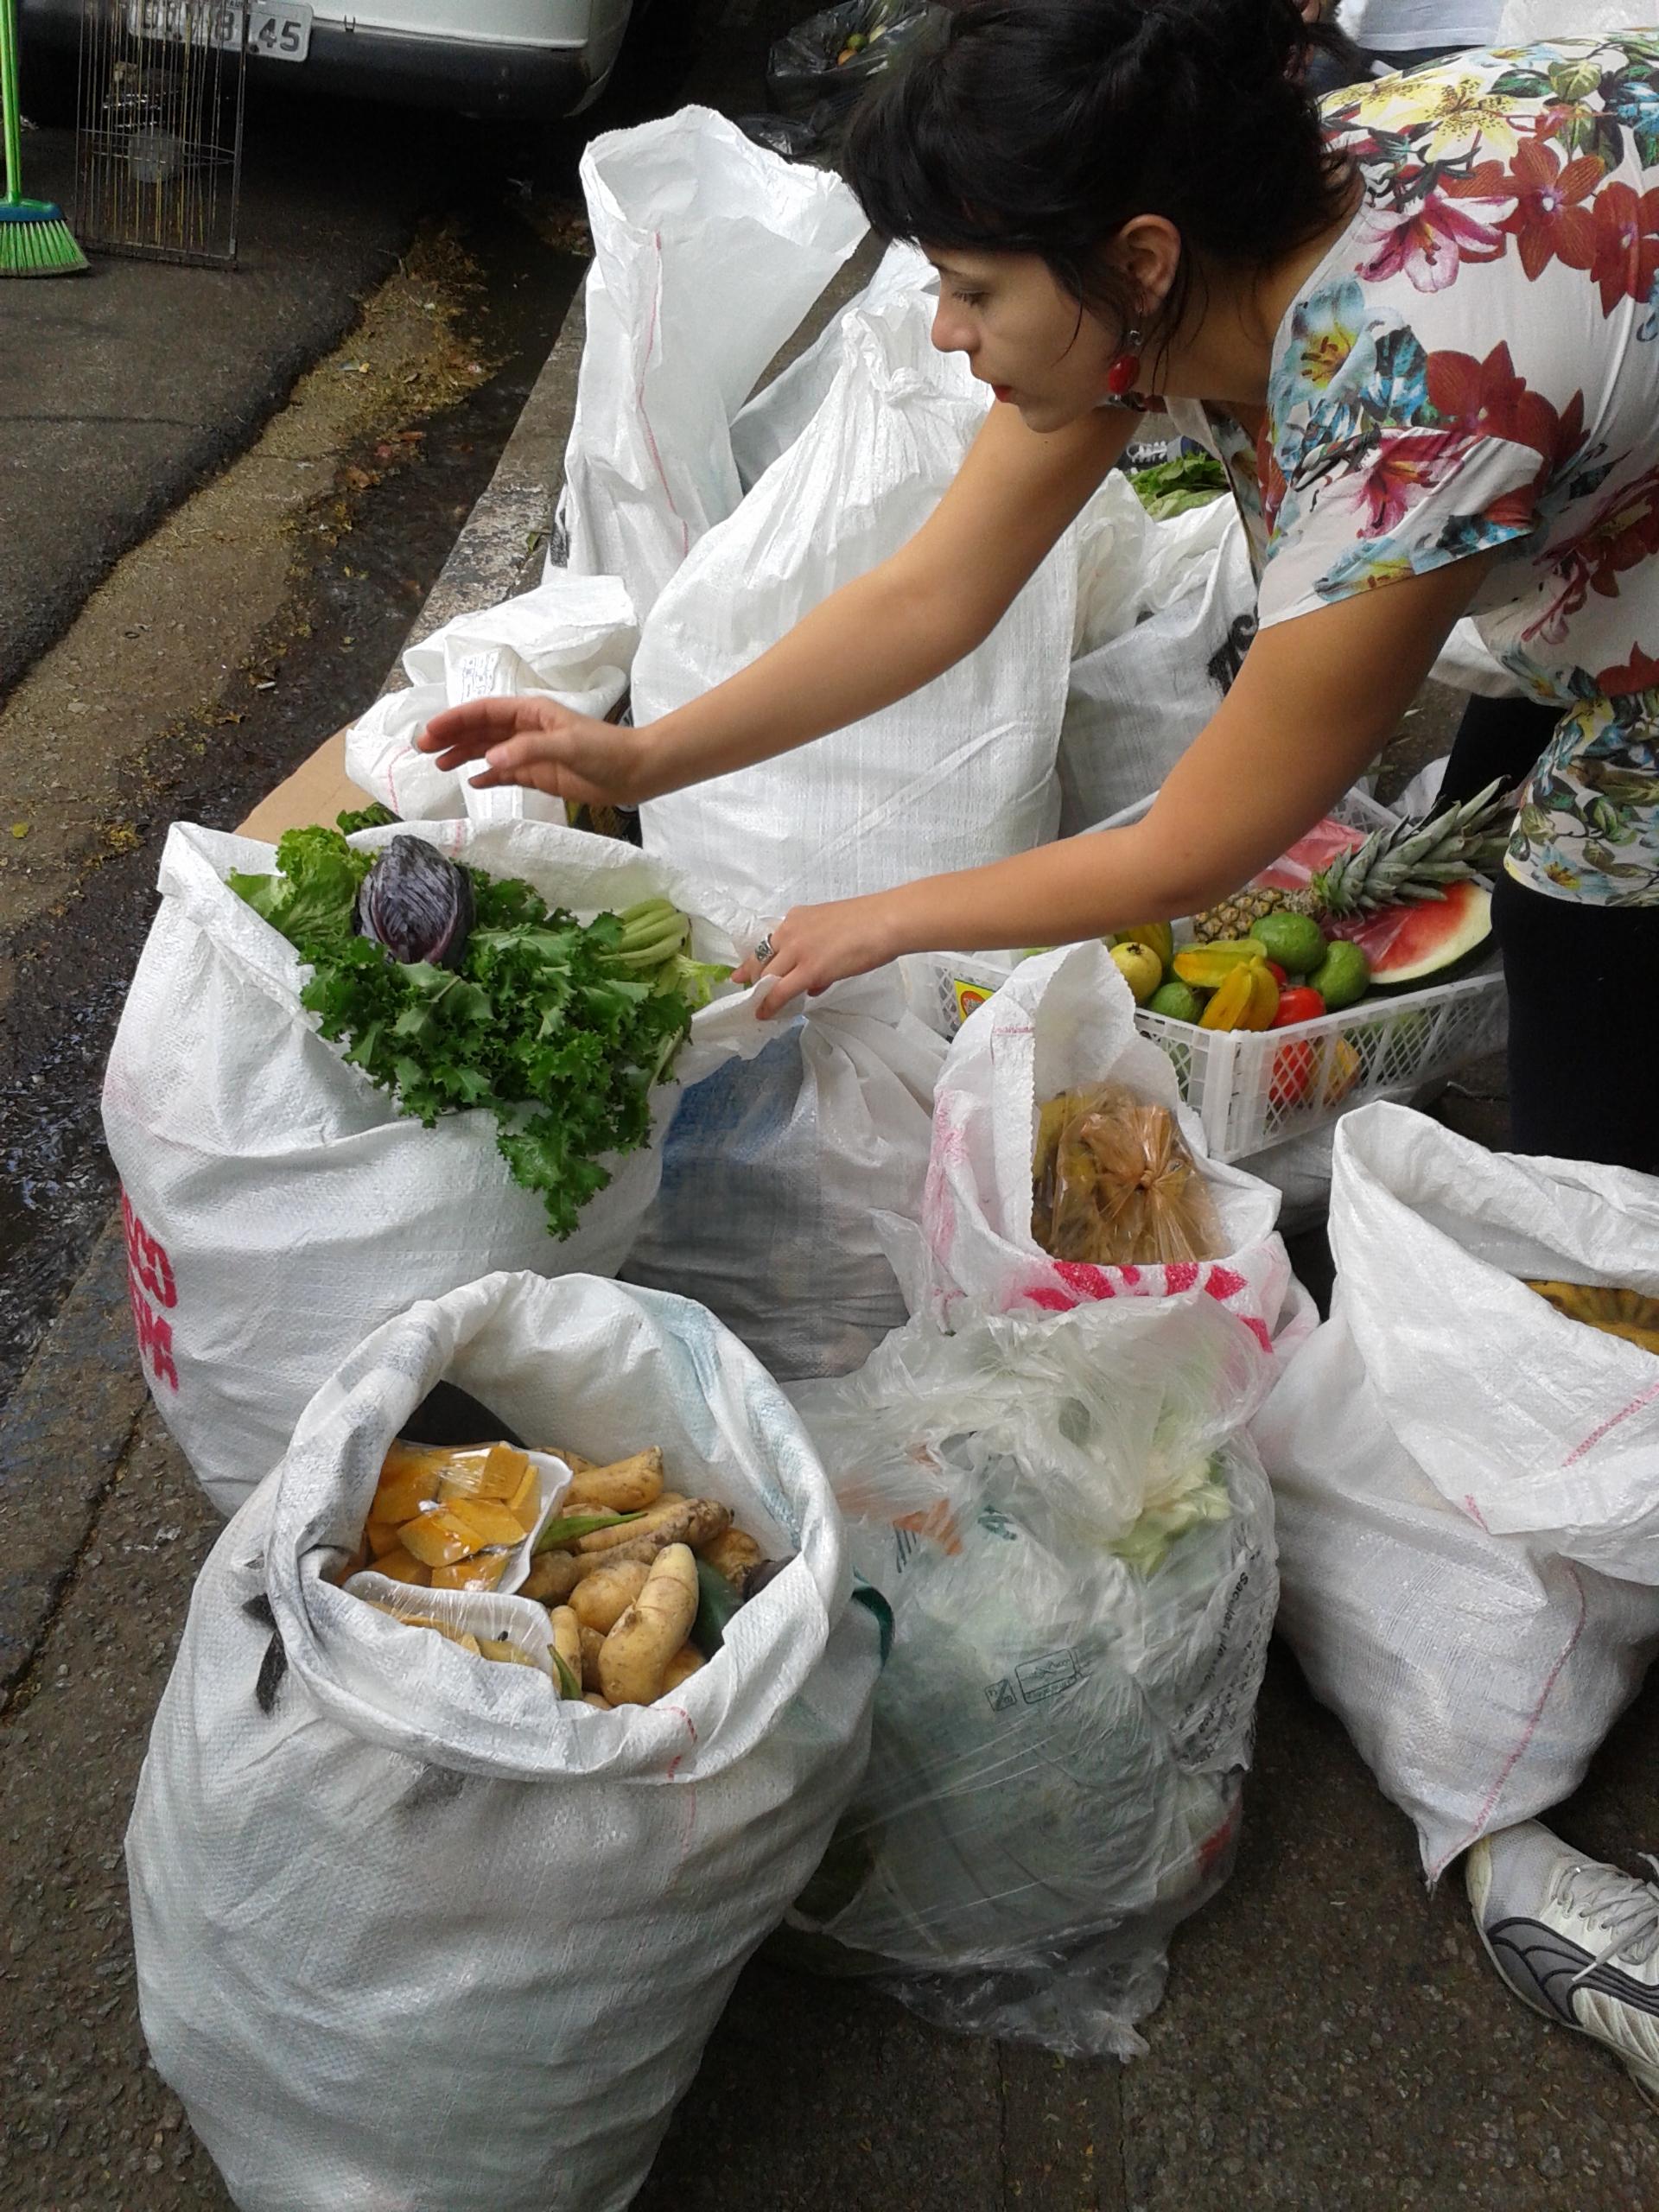 Gustavo Porpino - Nos dias 9 de 10 de agosto, Embrapa participa de evento para discutir perdas e desperdícios de alimentos no Brasil